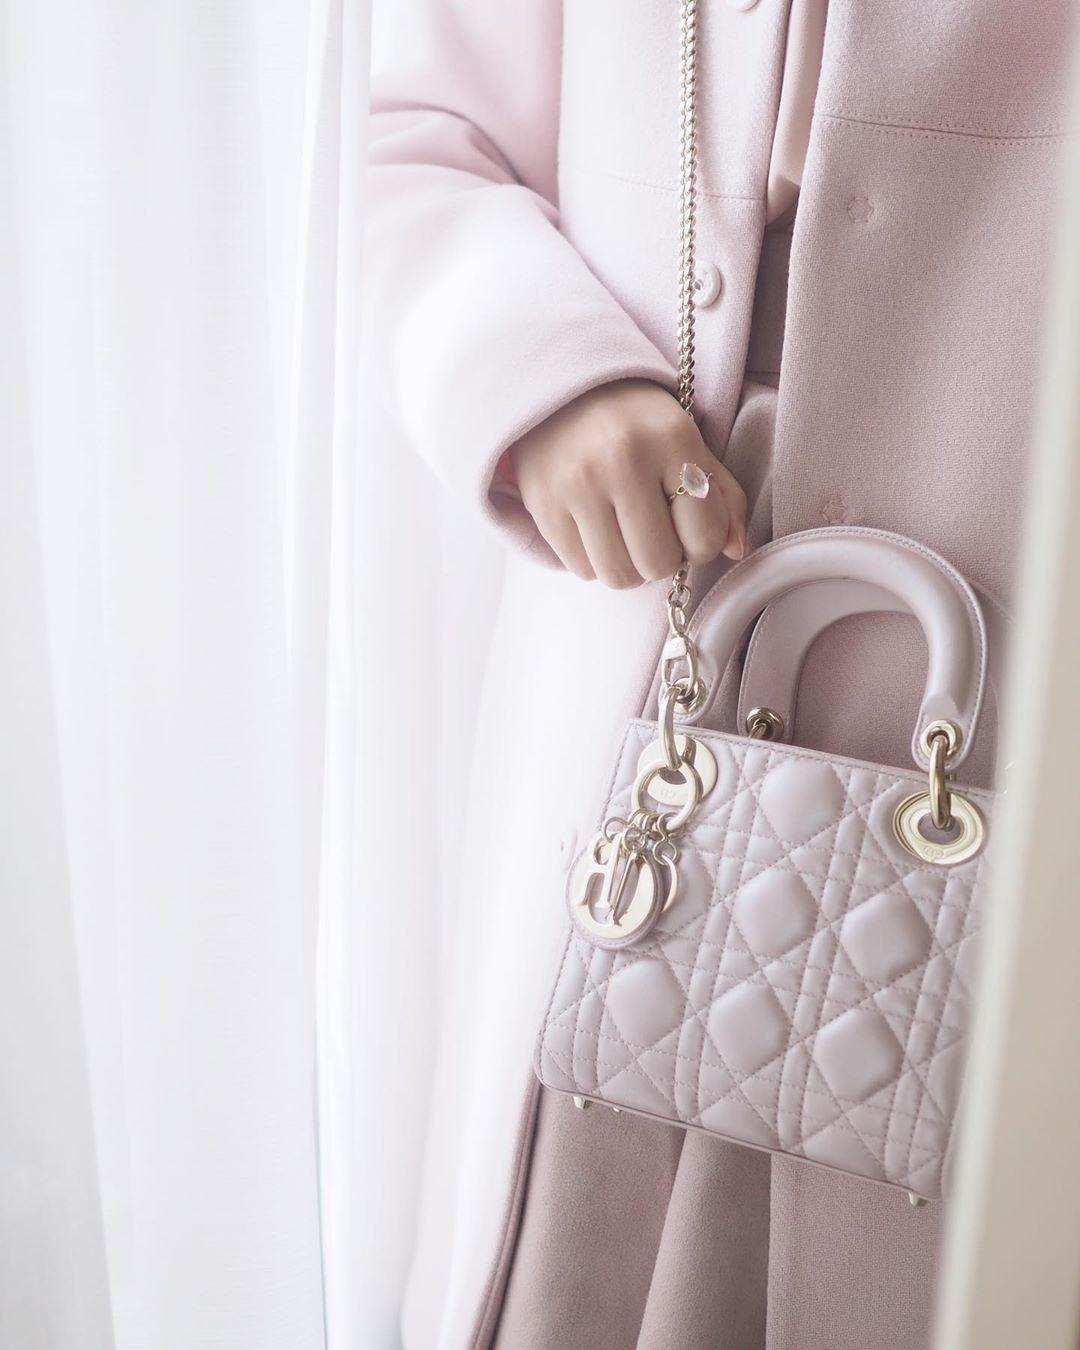 Diorの代表的アイコンとして有名